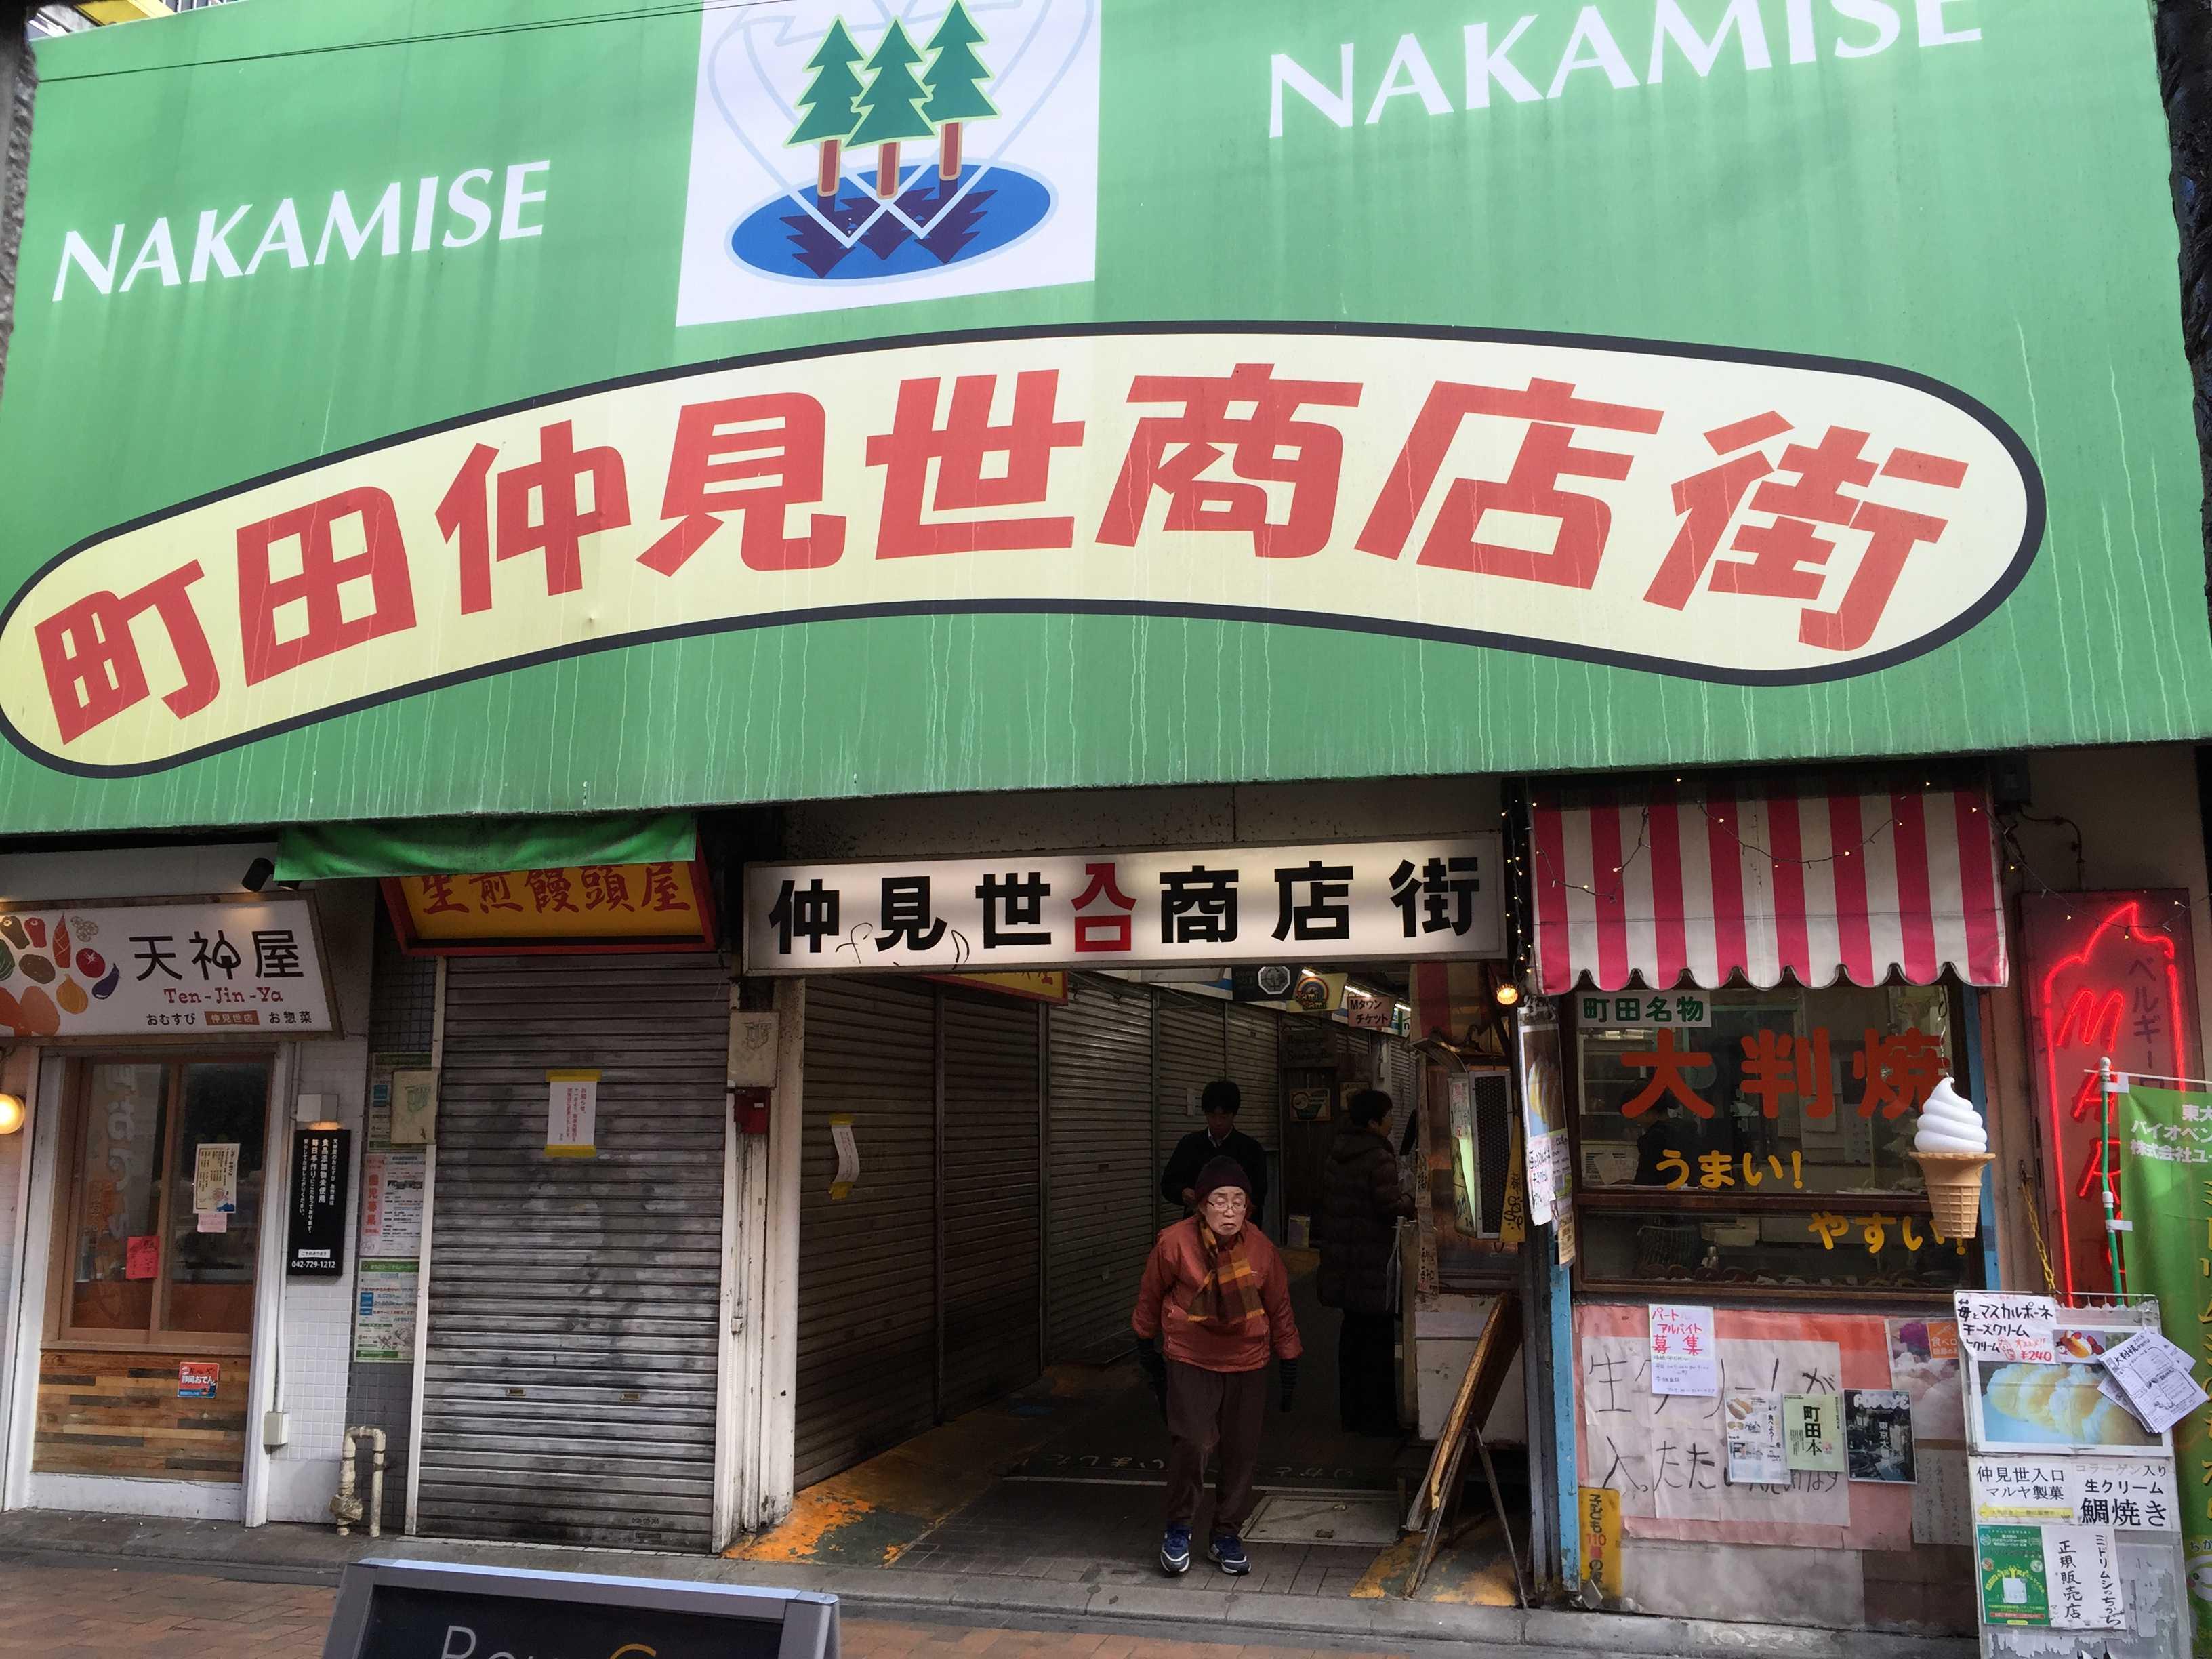 町田仲見世商店街 - NAKAMISE